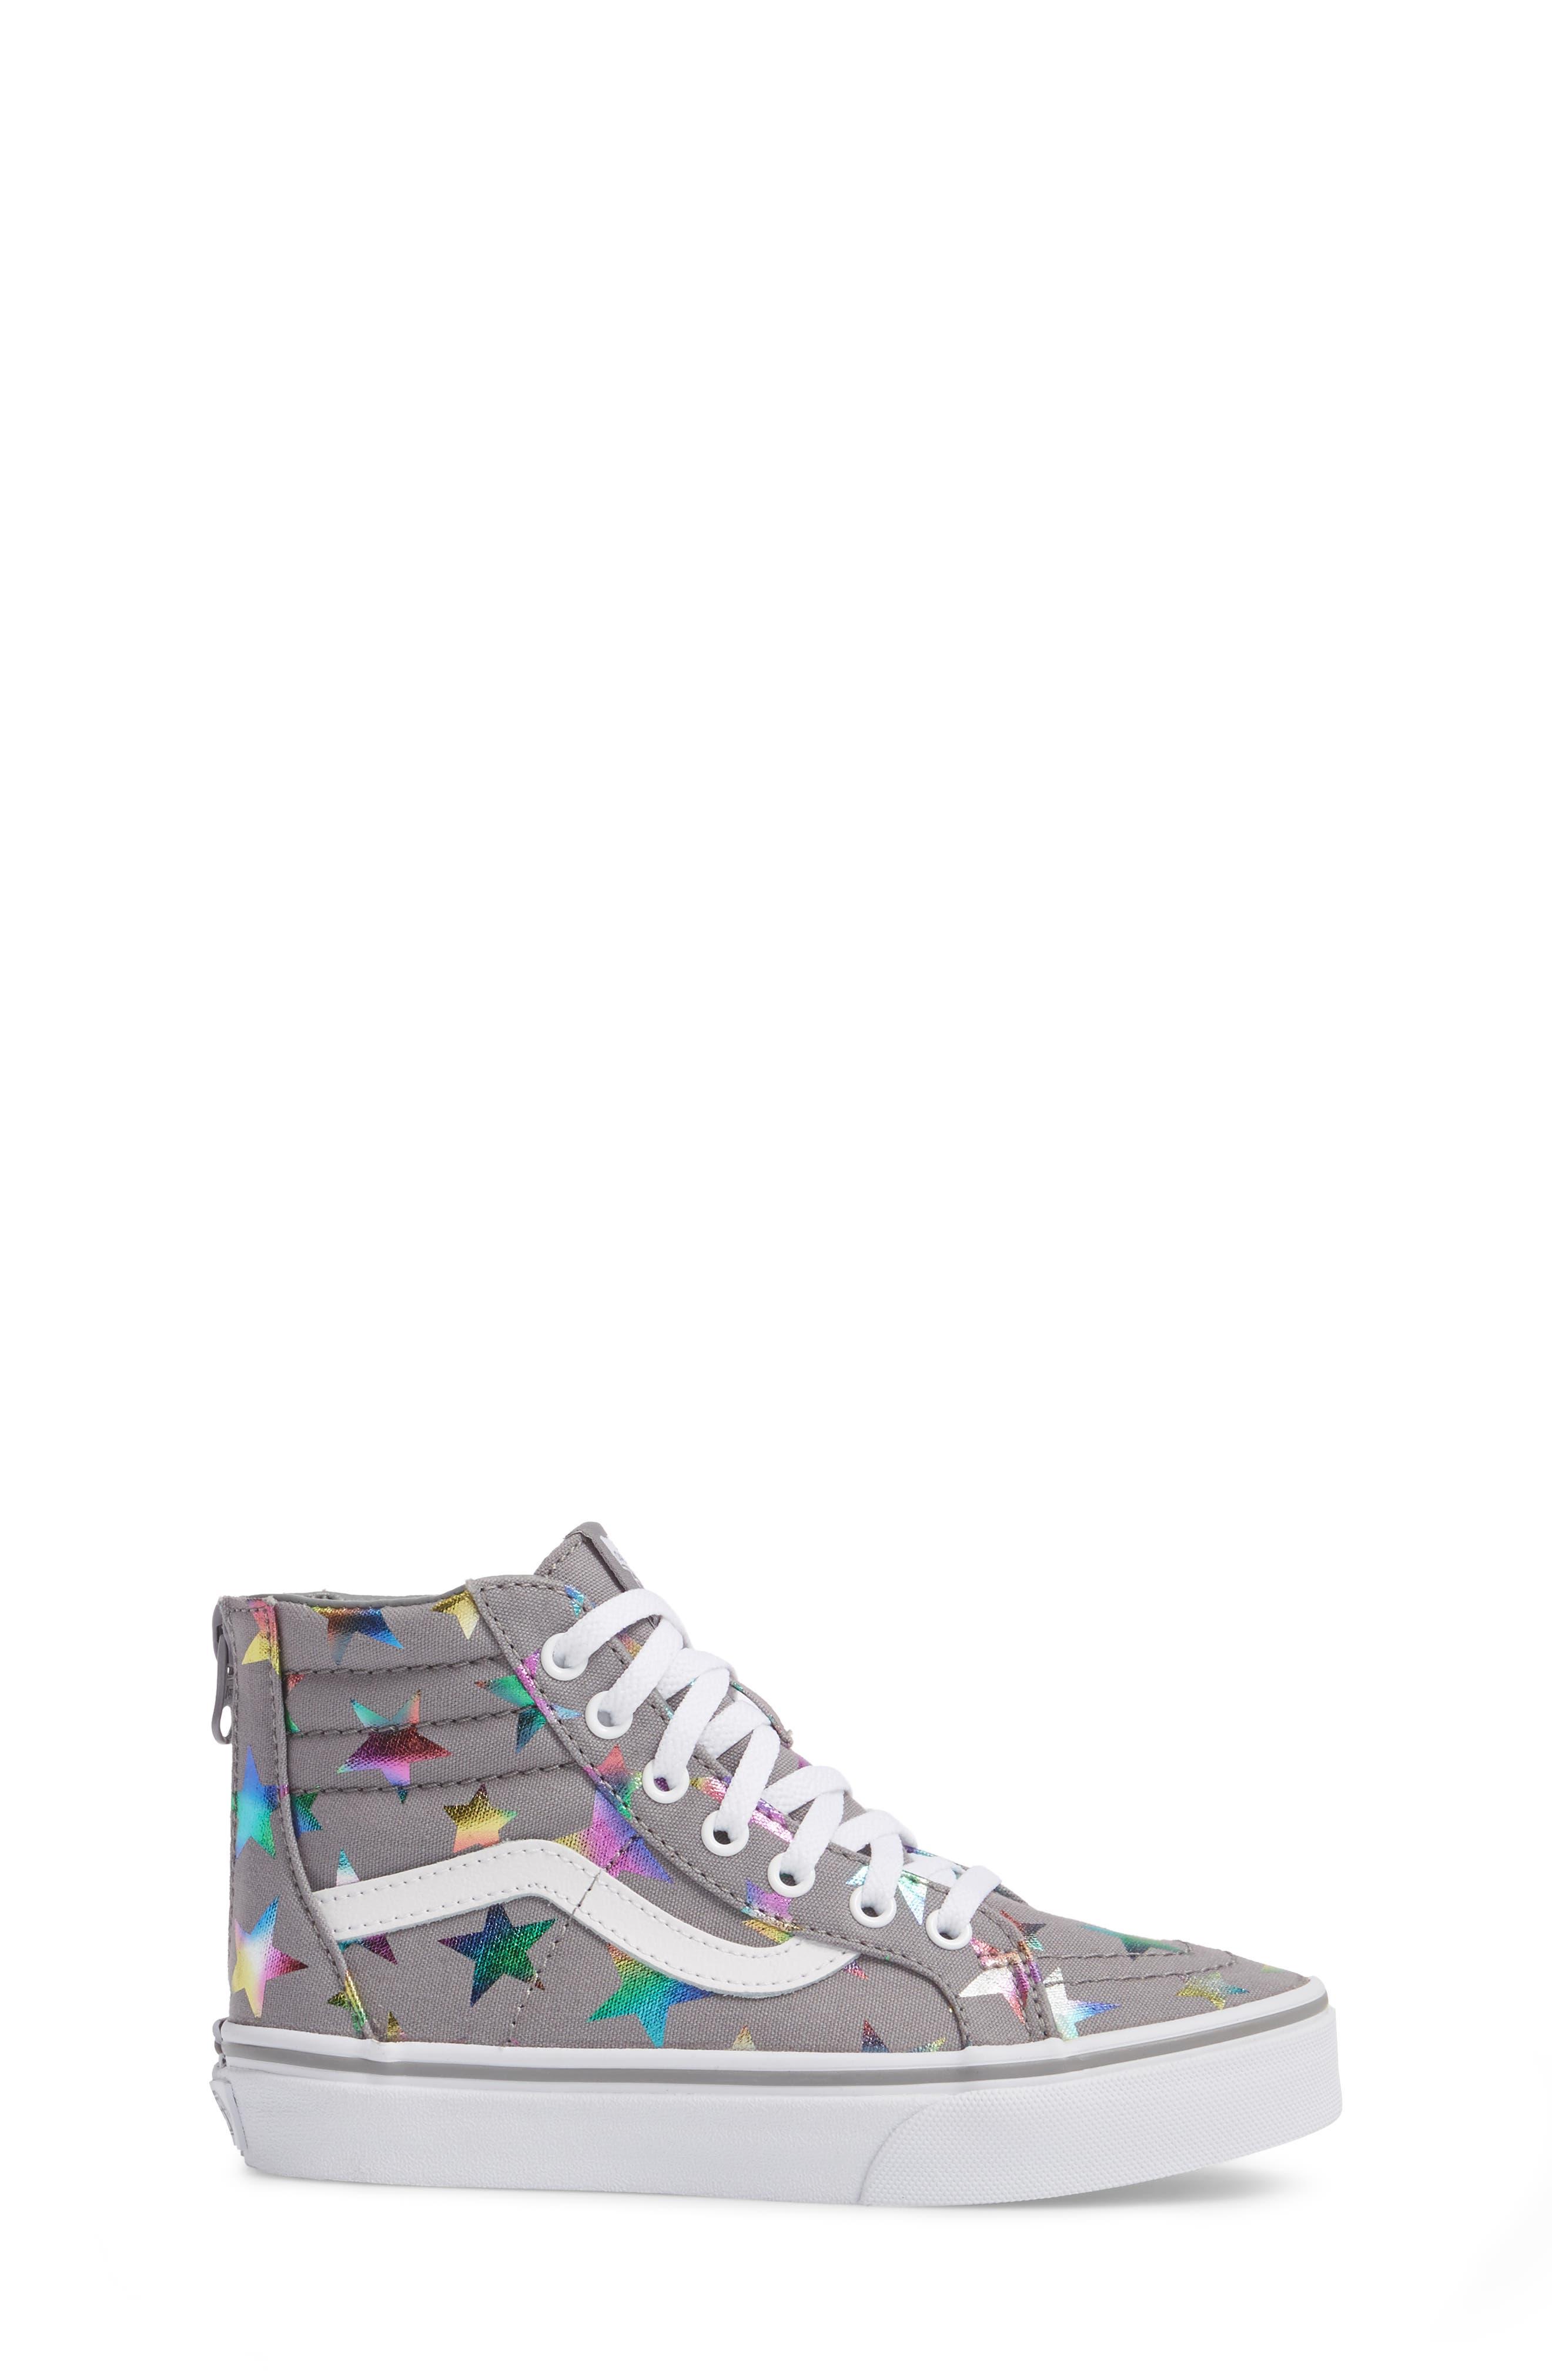 Alternate Image 3  - Vans Sk8-Hi Zip Star Print High Top Sneaker (Baby, Walker, Toddler, Little Kid & Big Kid)